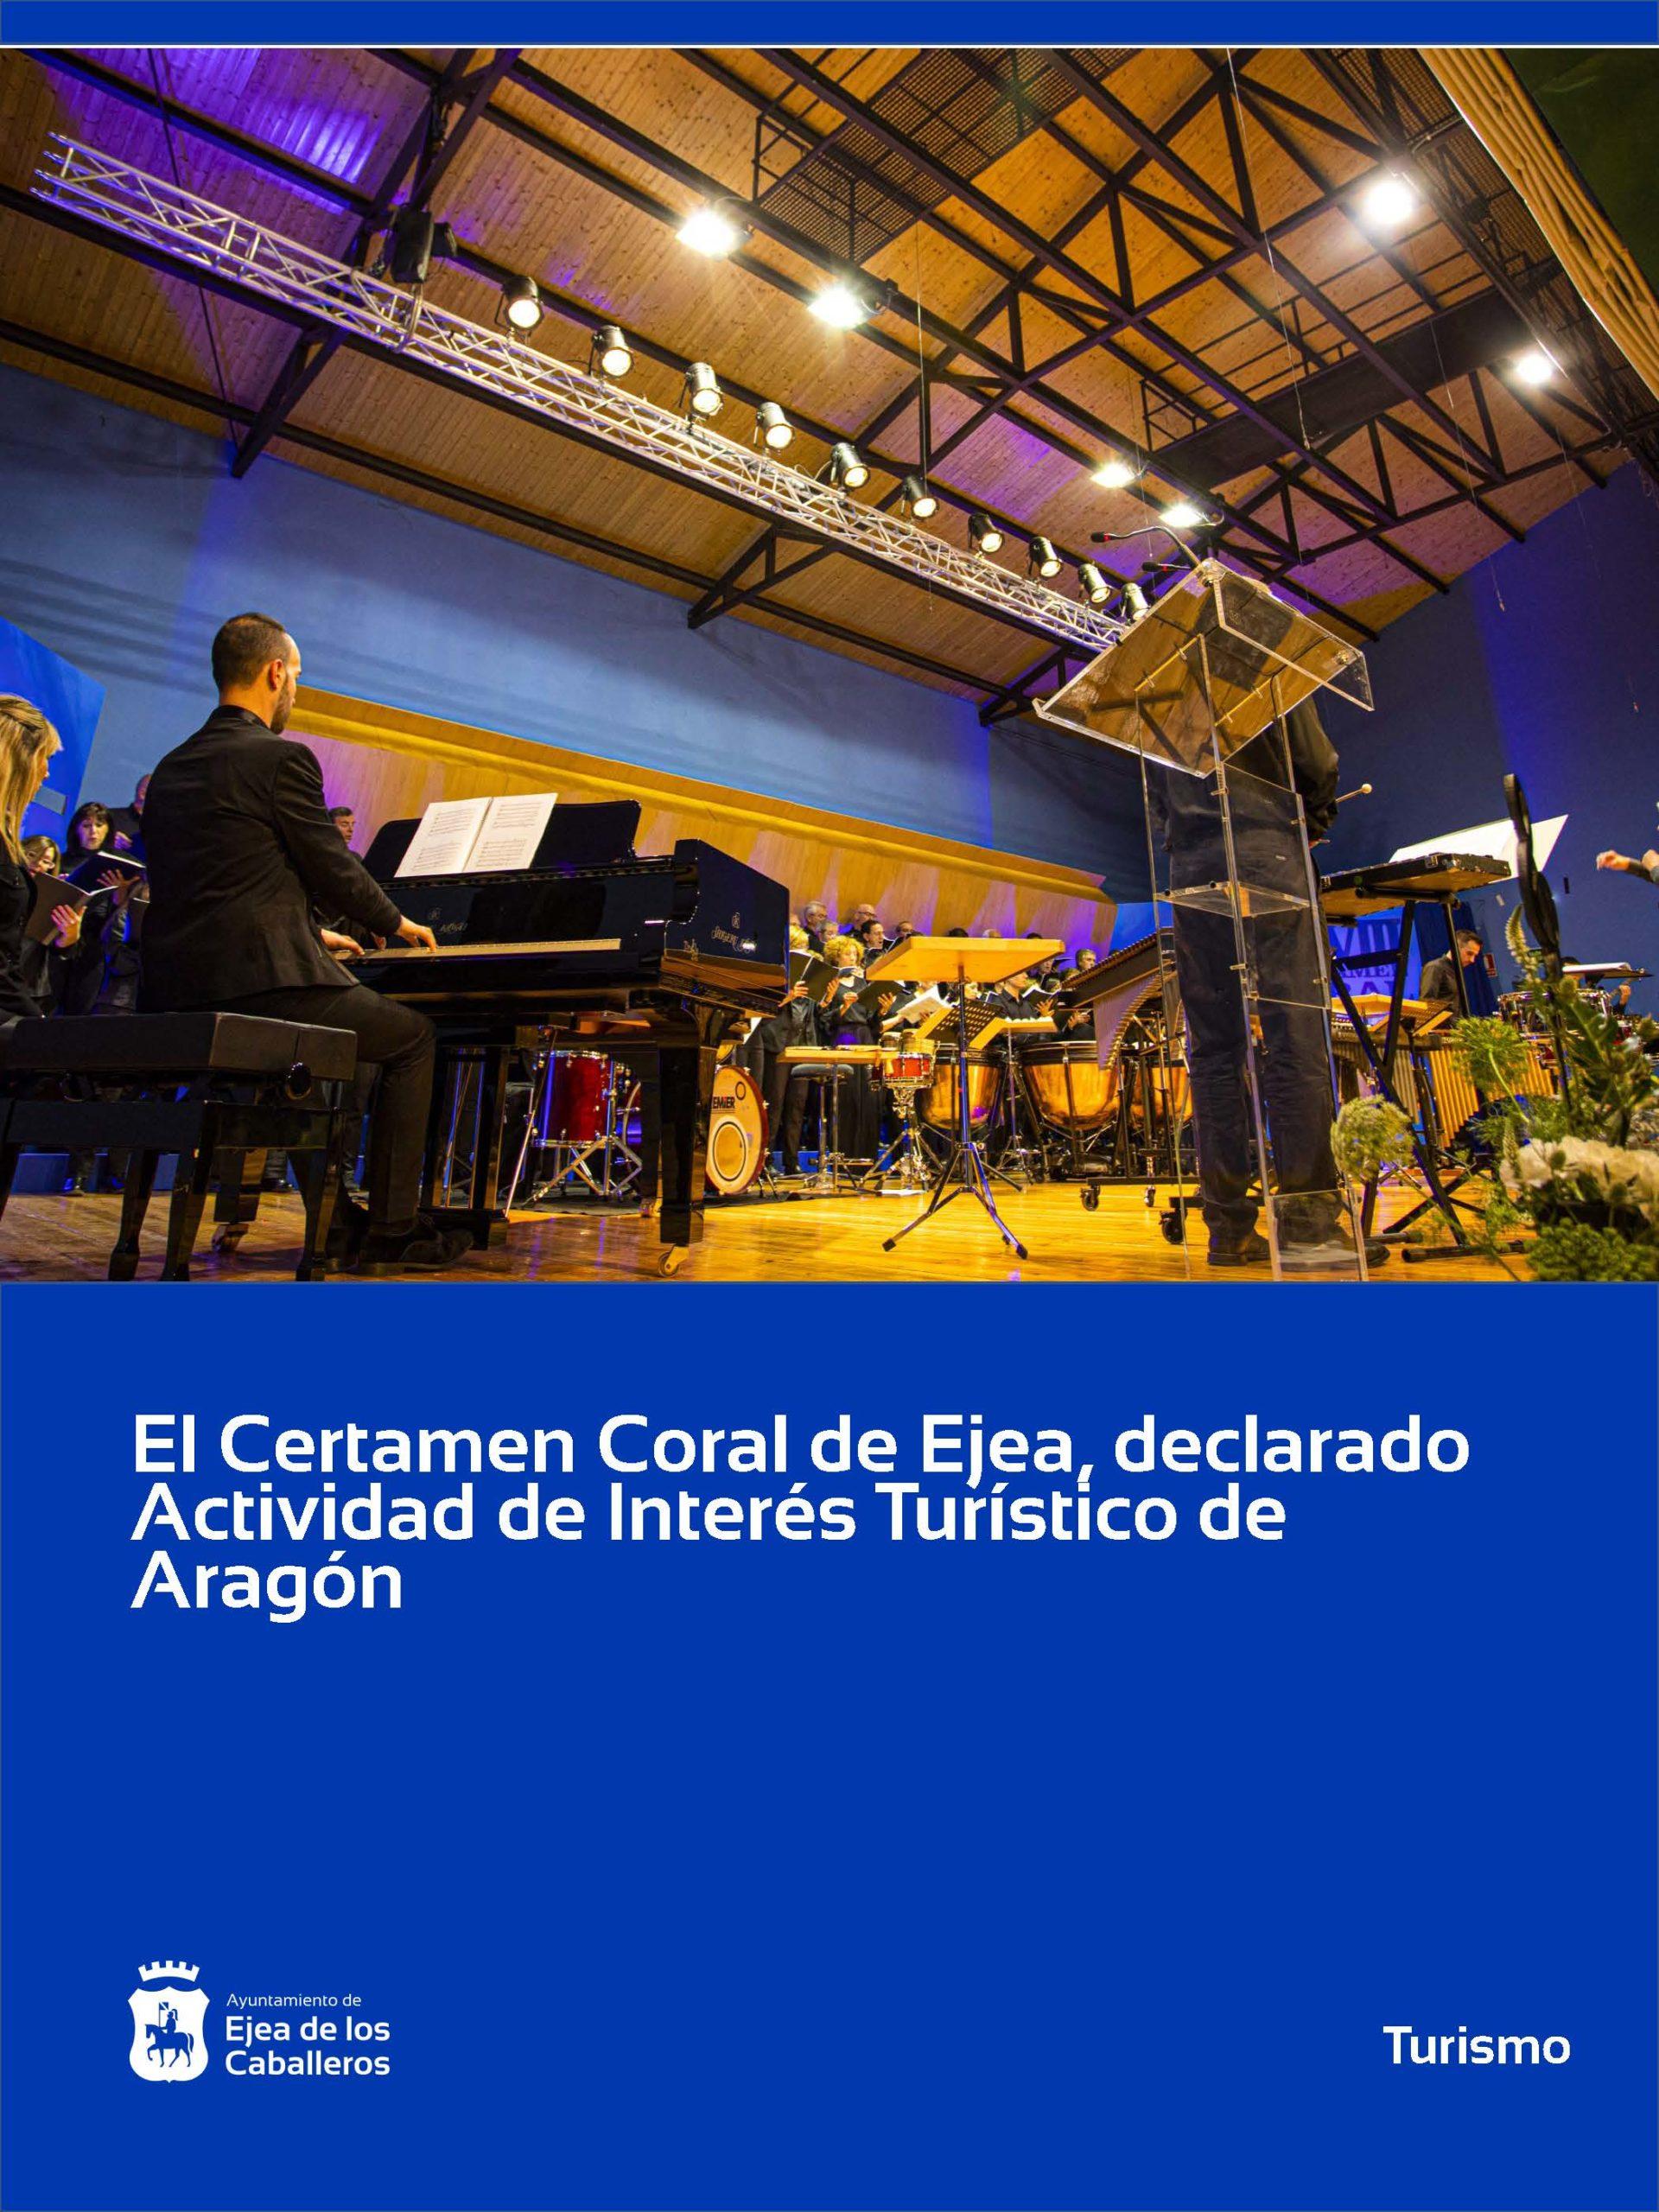 El Certamen Coral de Ejea, declarado Actividad de Interés Turístico de Aragón